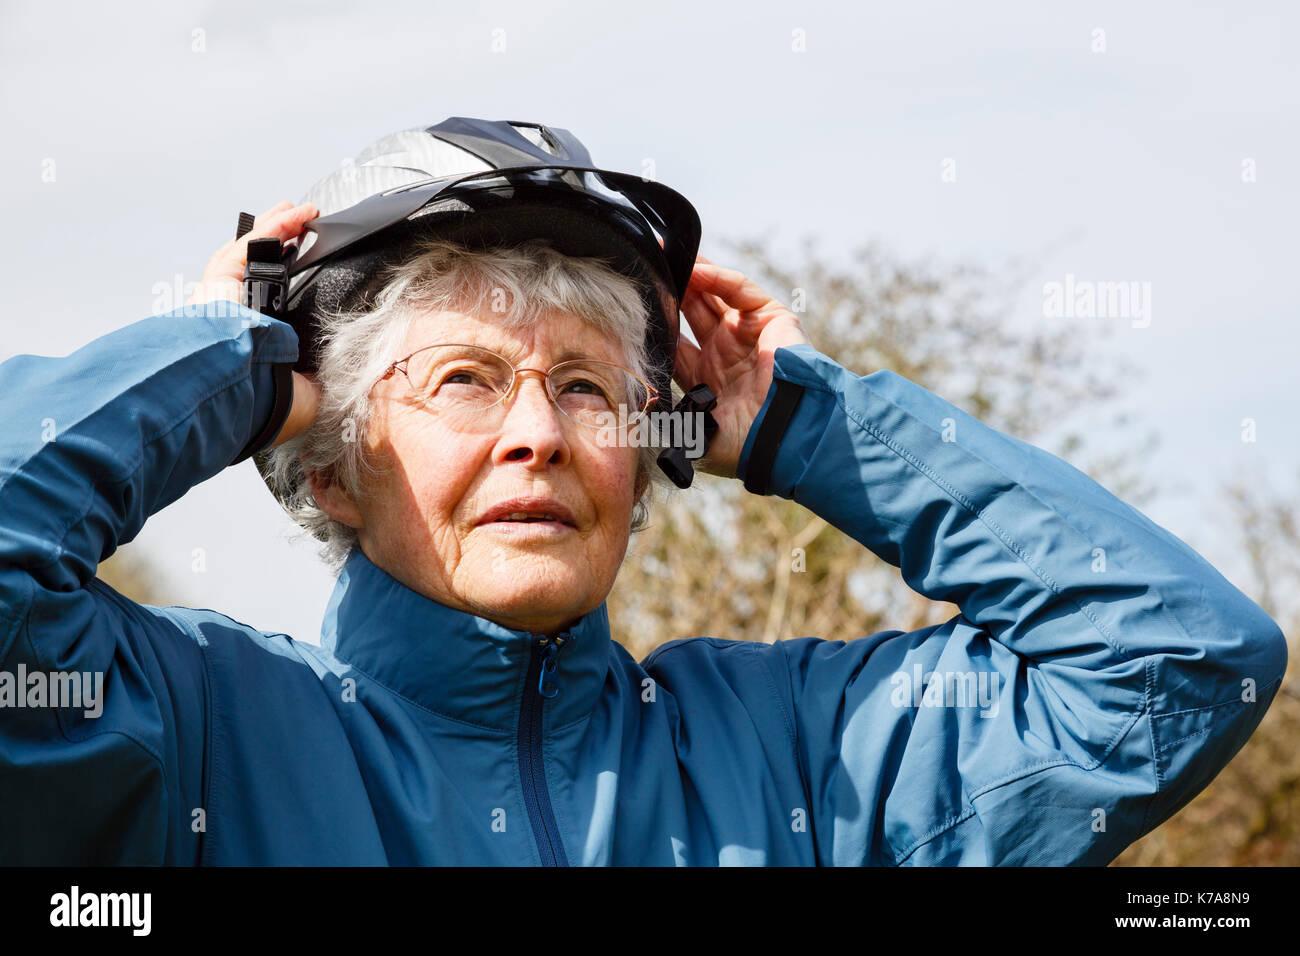 Altos funcionarios de la anciana jubilado poniendo en un casco de ciclismo se prepara para ir para un paseo en bicicleta para mantenerse en forma en la jubilación. Inglaterra, Reino Unido, Gran Bretaña Imagen De Stock